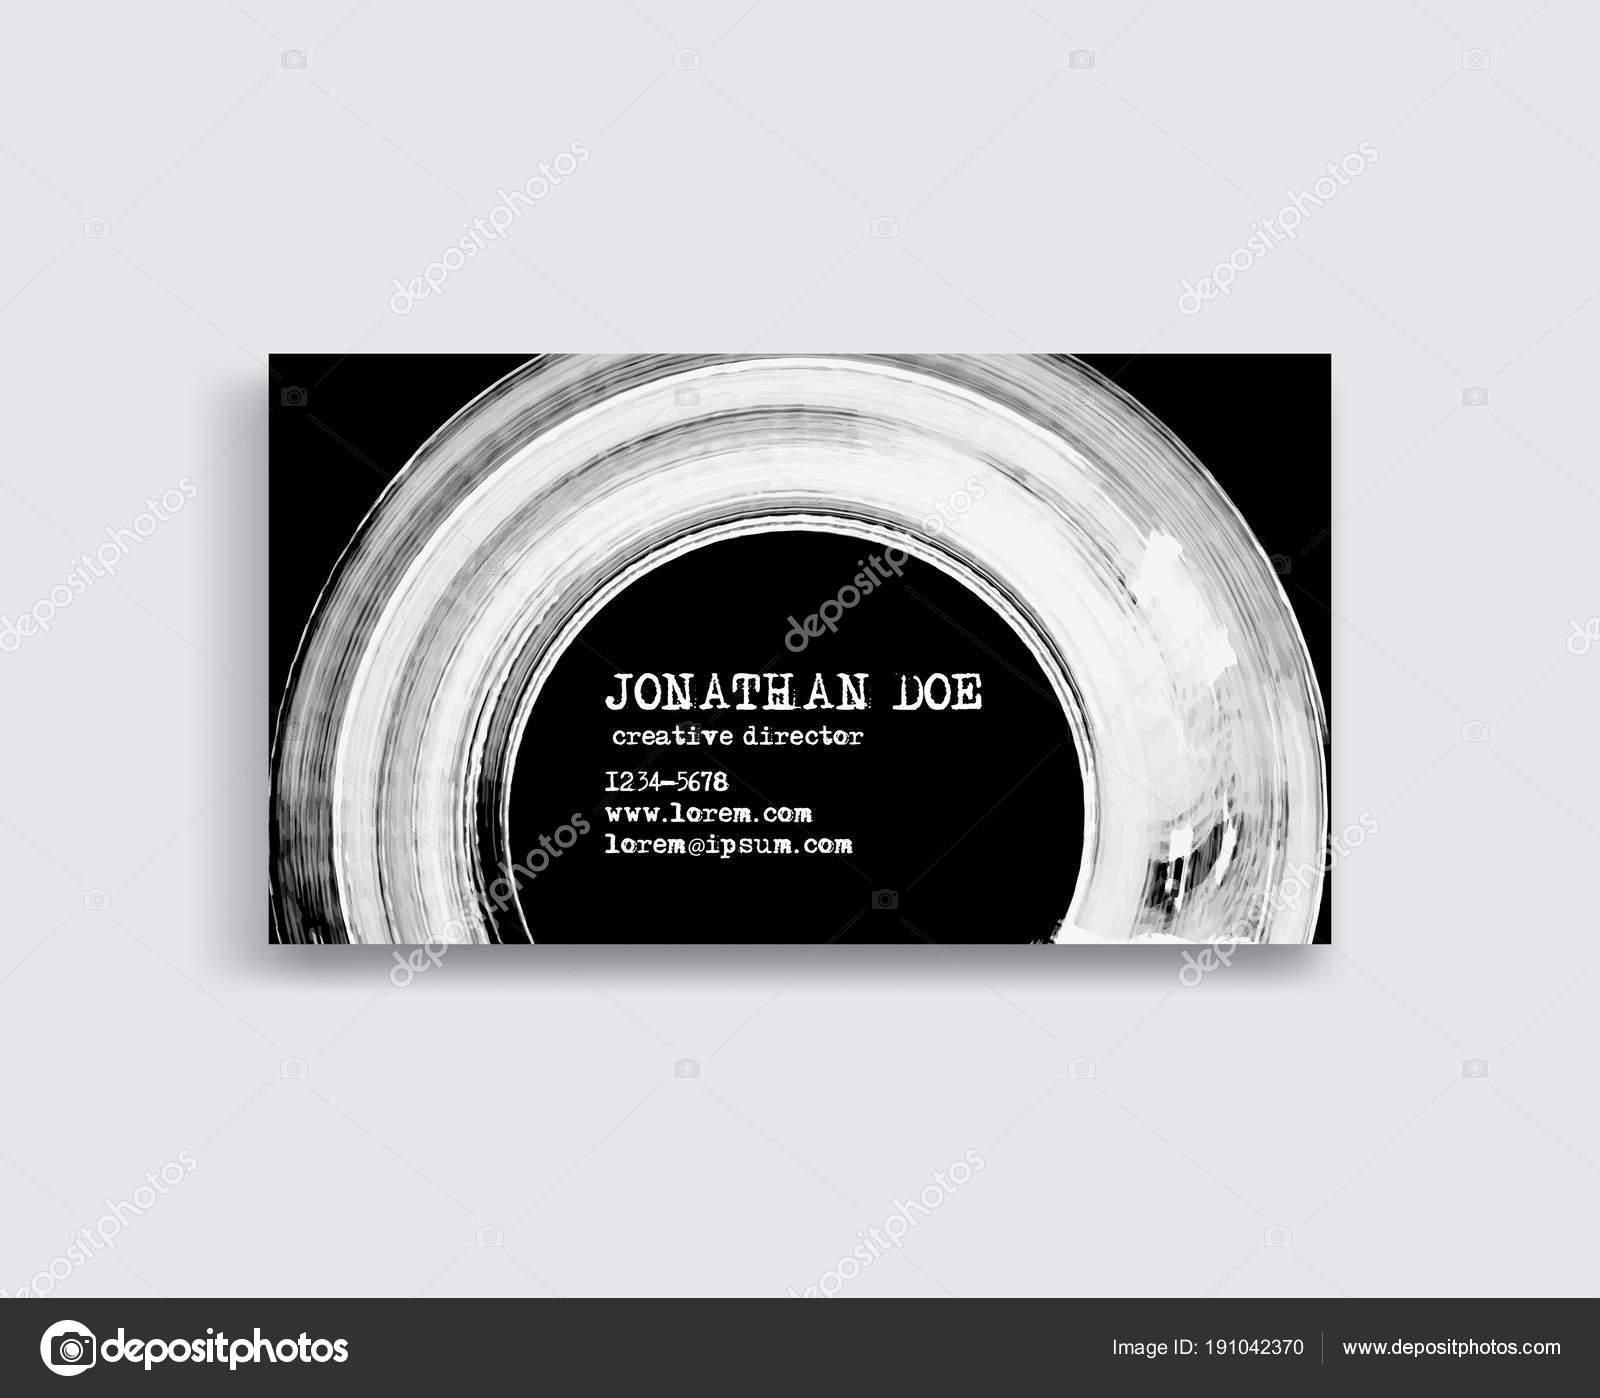 Modeles De Carte Visite Creative Avec Un Design Minimaliste Coups Pinceau Dencre Abstrait Blanc Illustration Vectorielle Stock